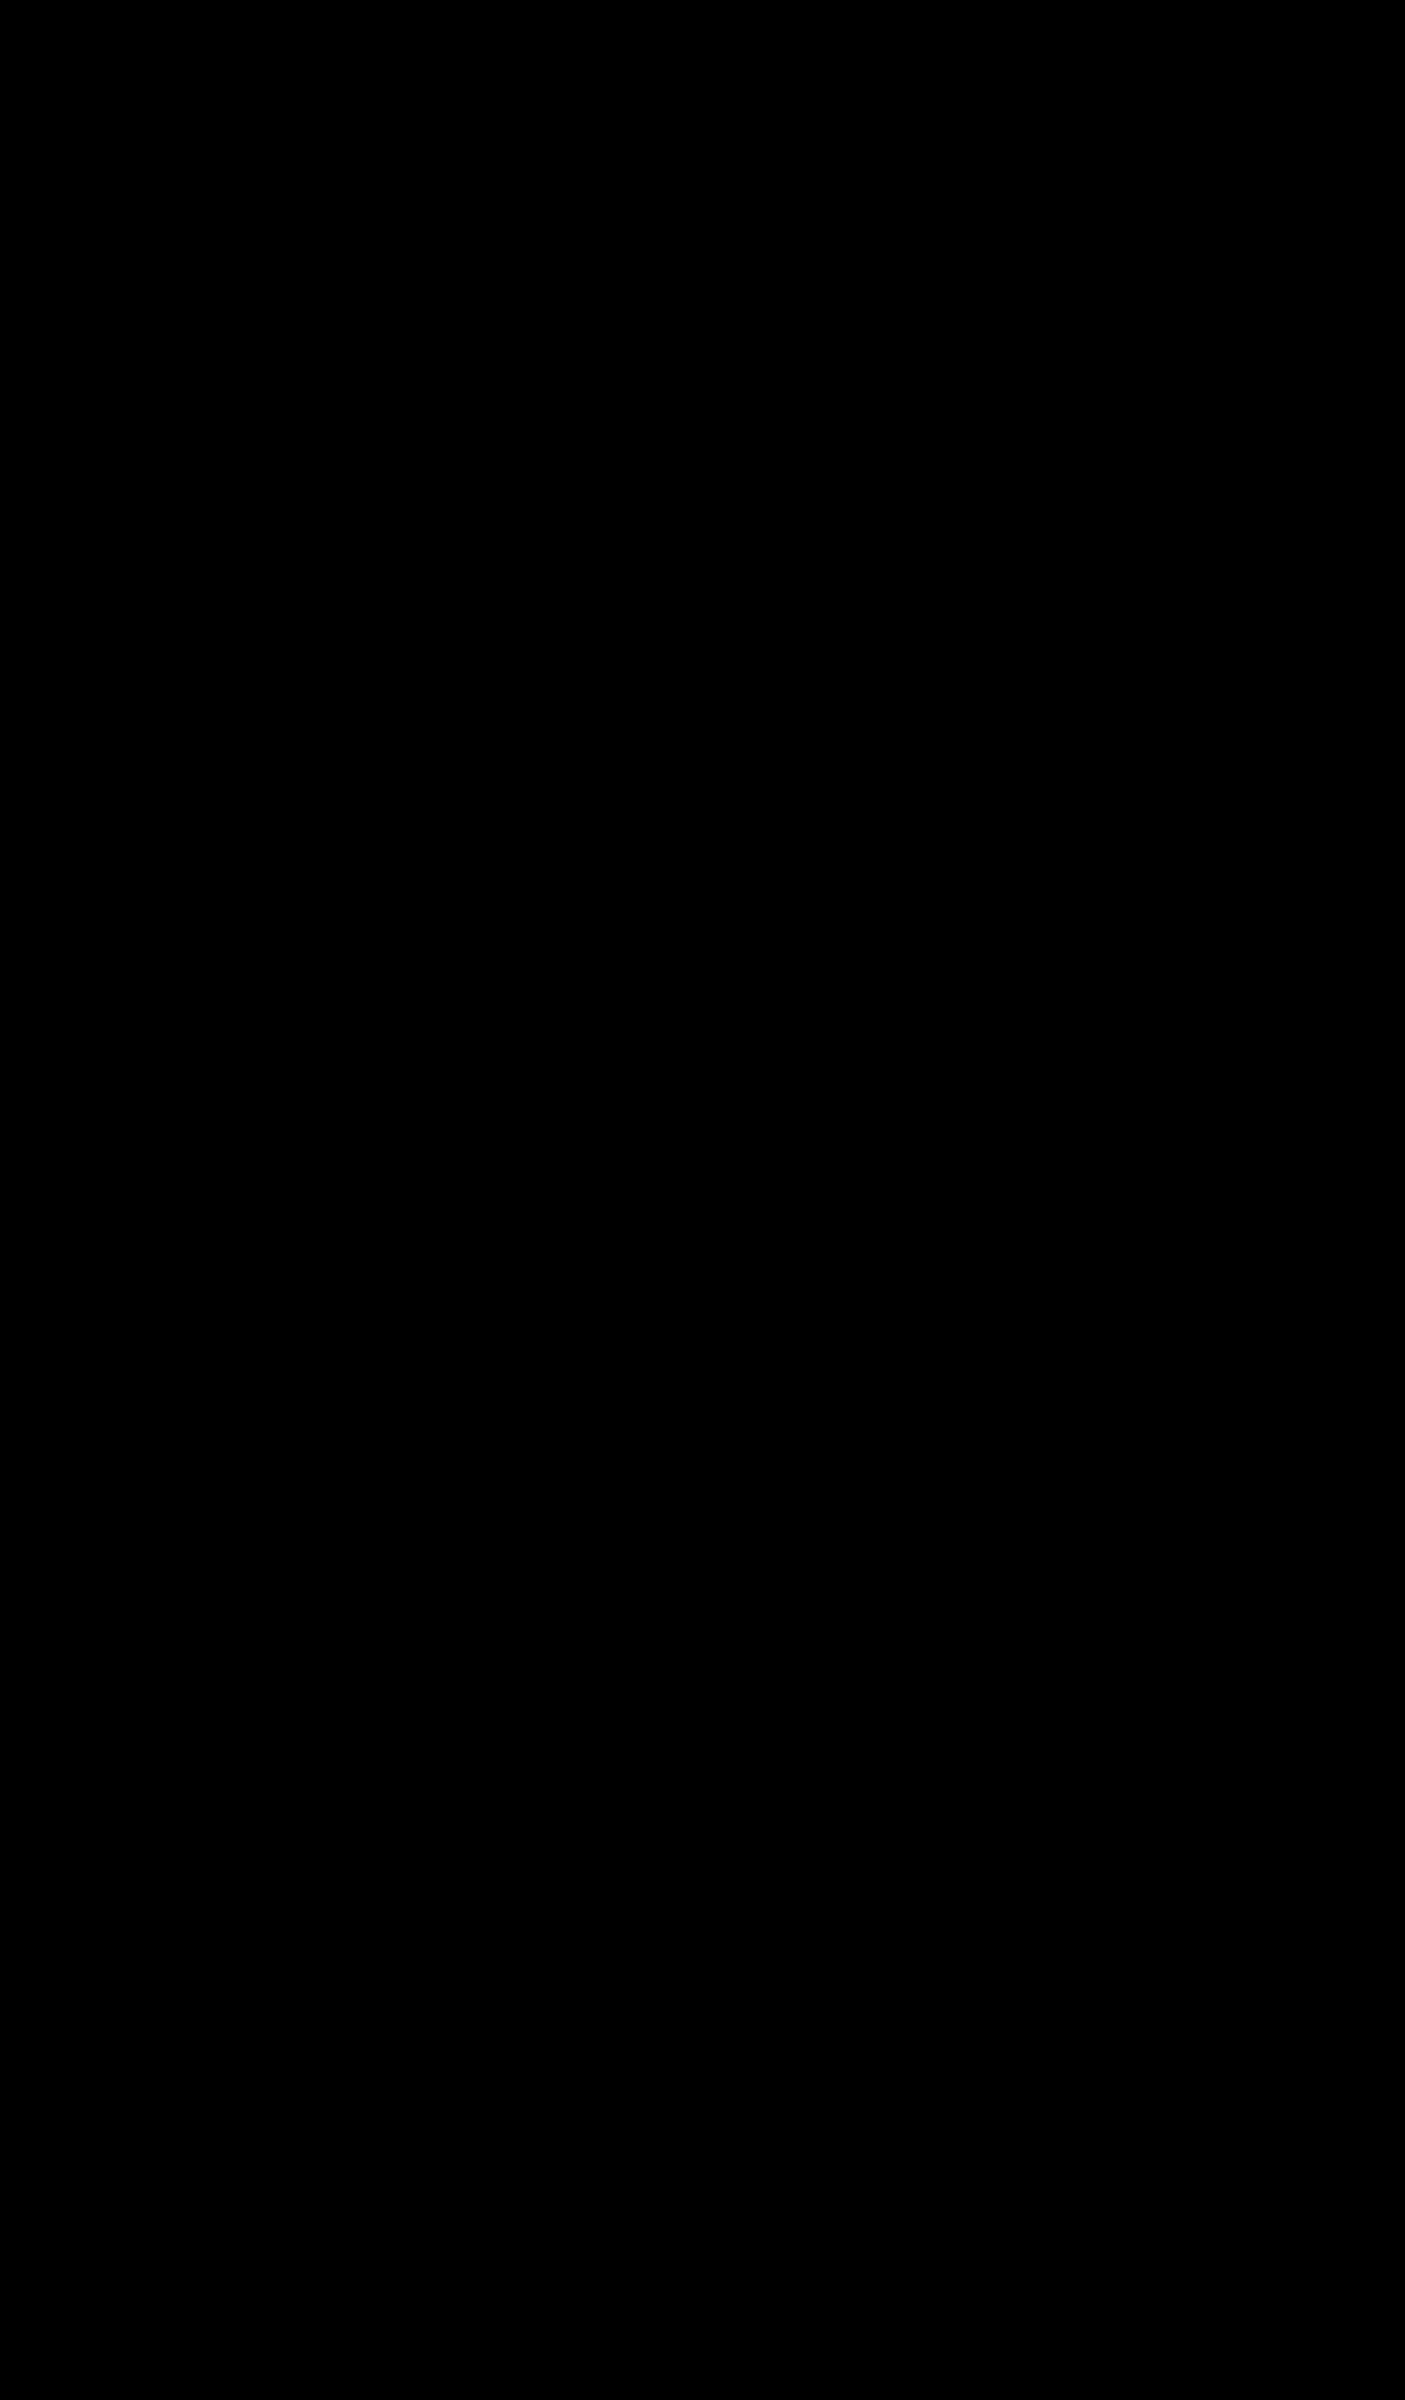 Clipart lightbulb big image. Light bulb clip art black and white